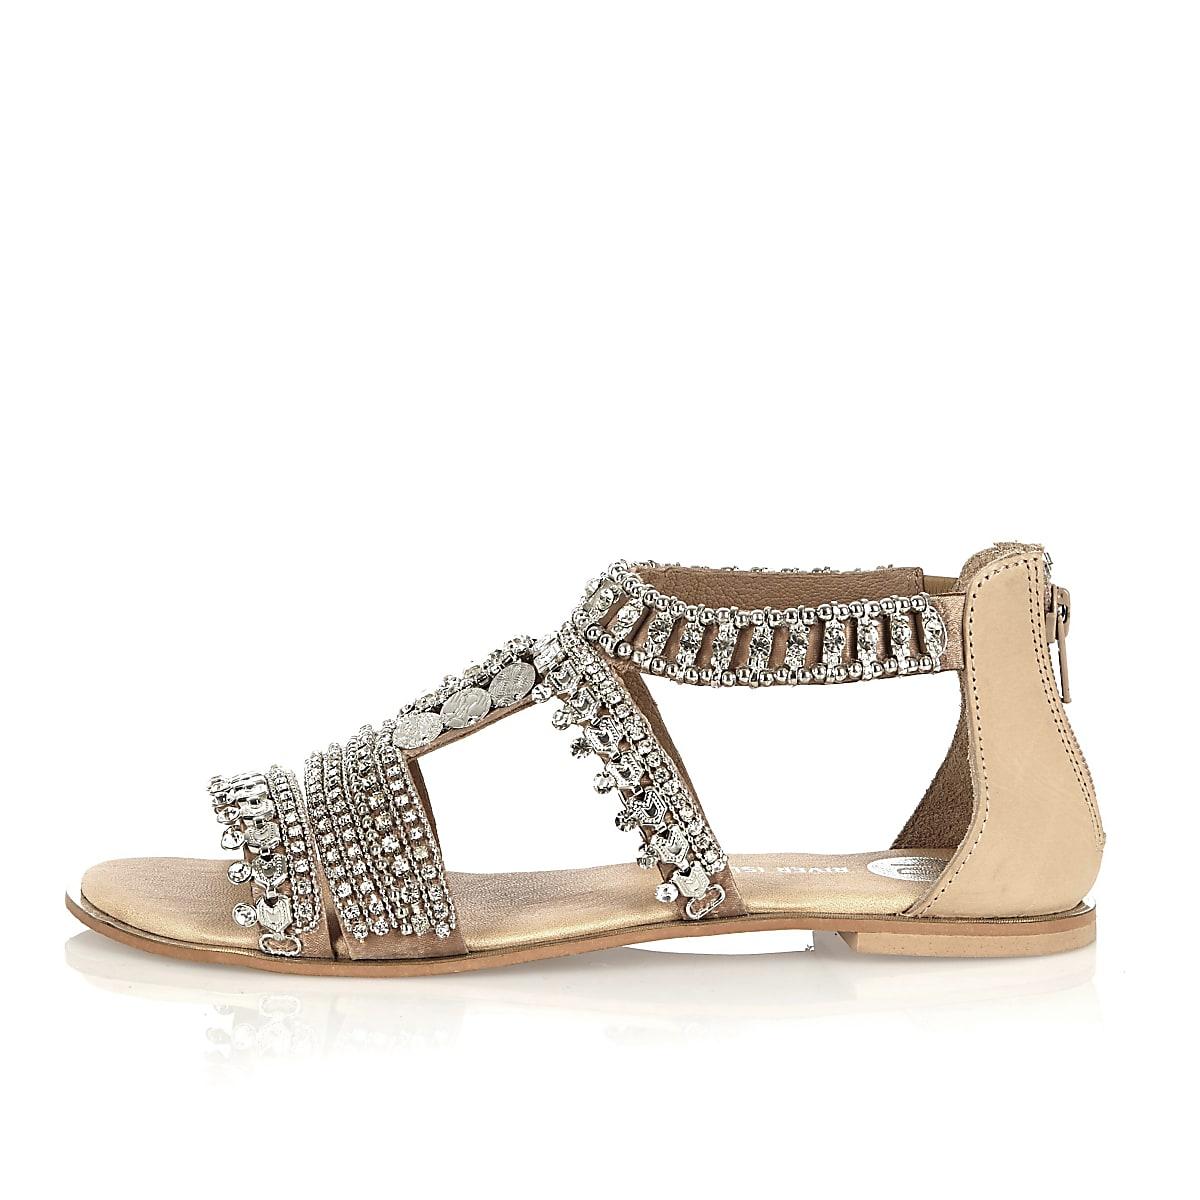 Nude leather embellished sandals